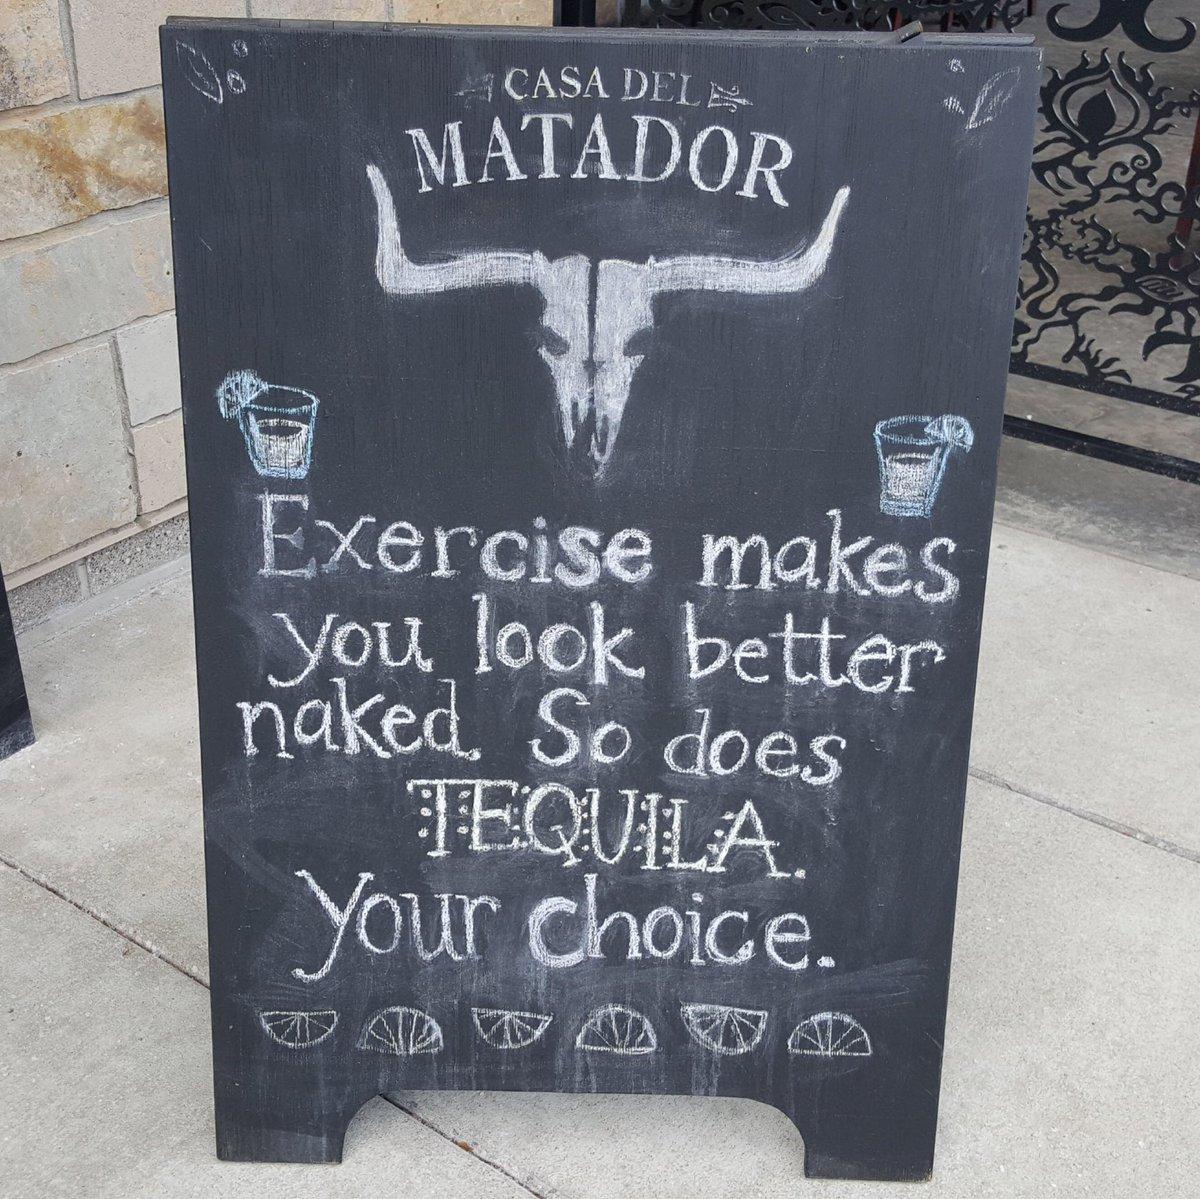 Seems like good advice! 😀